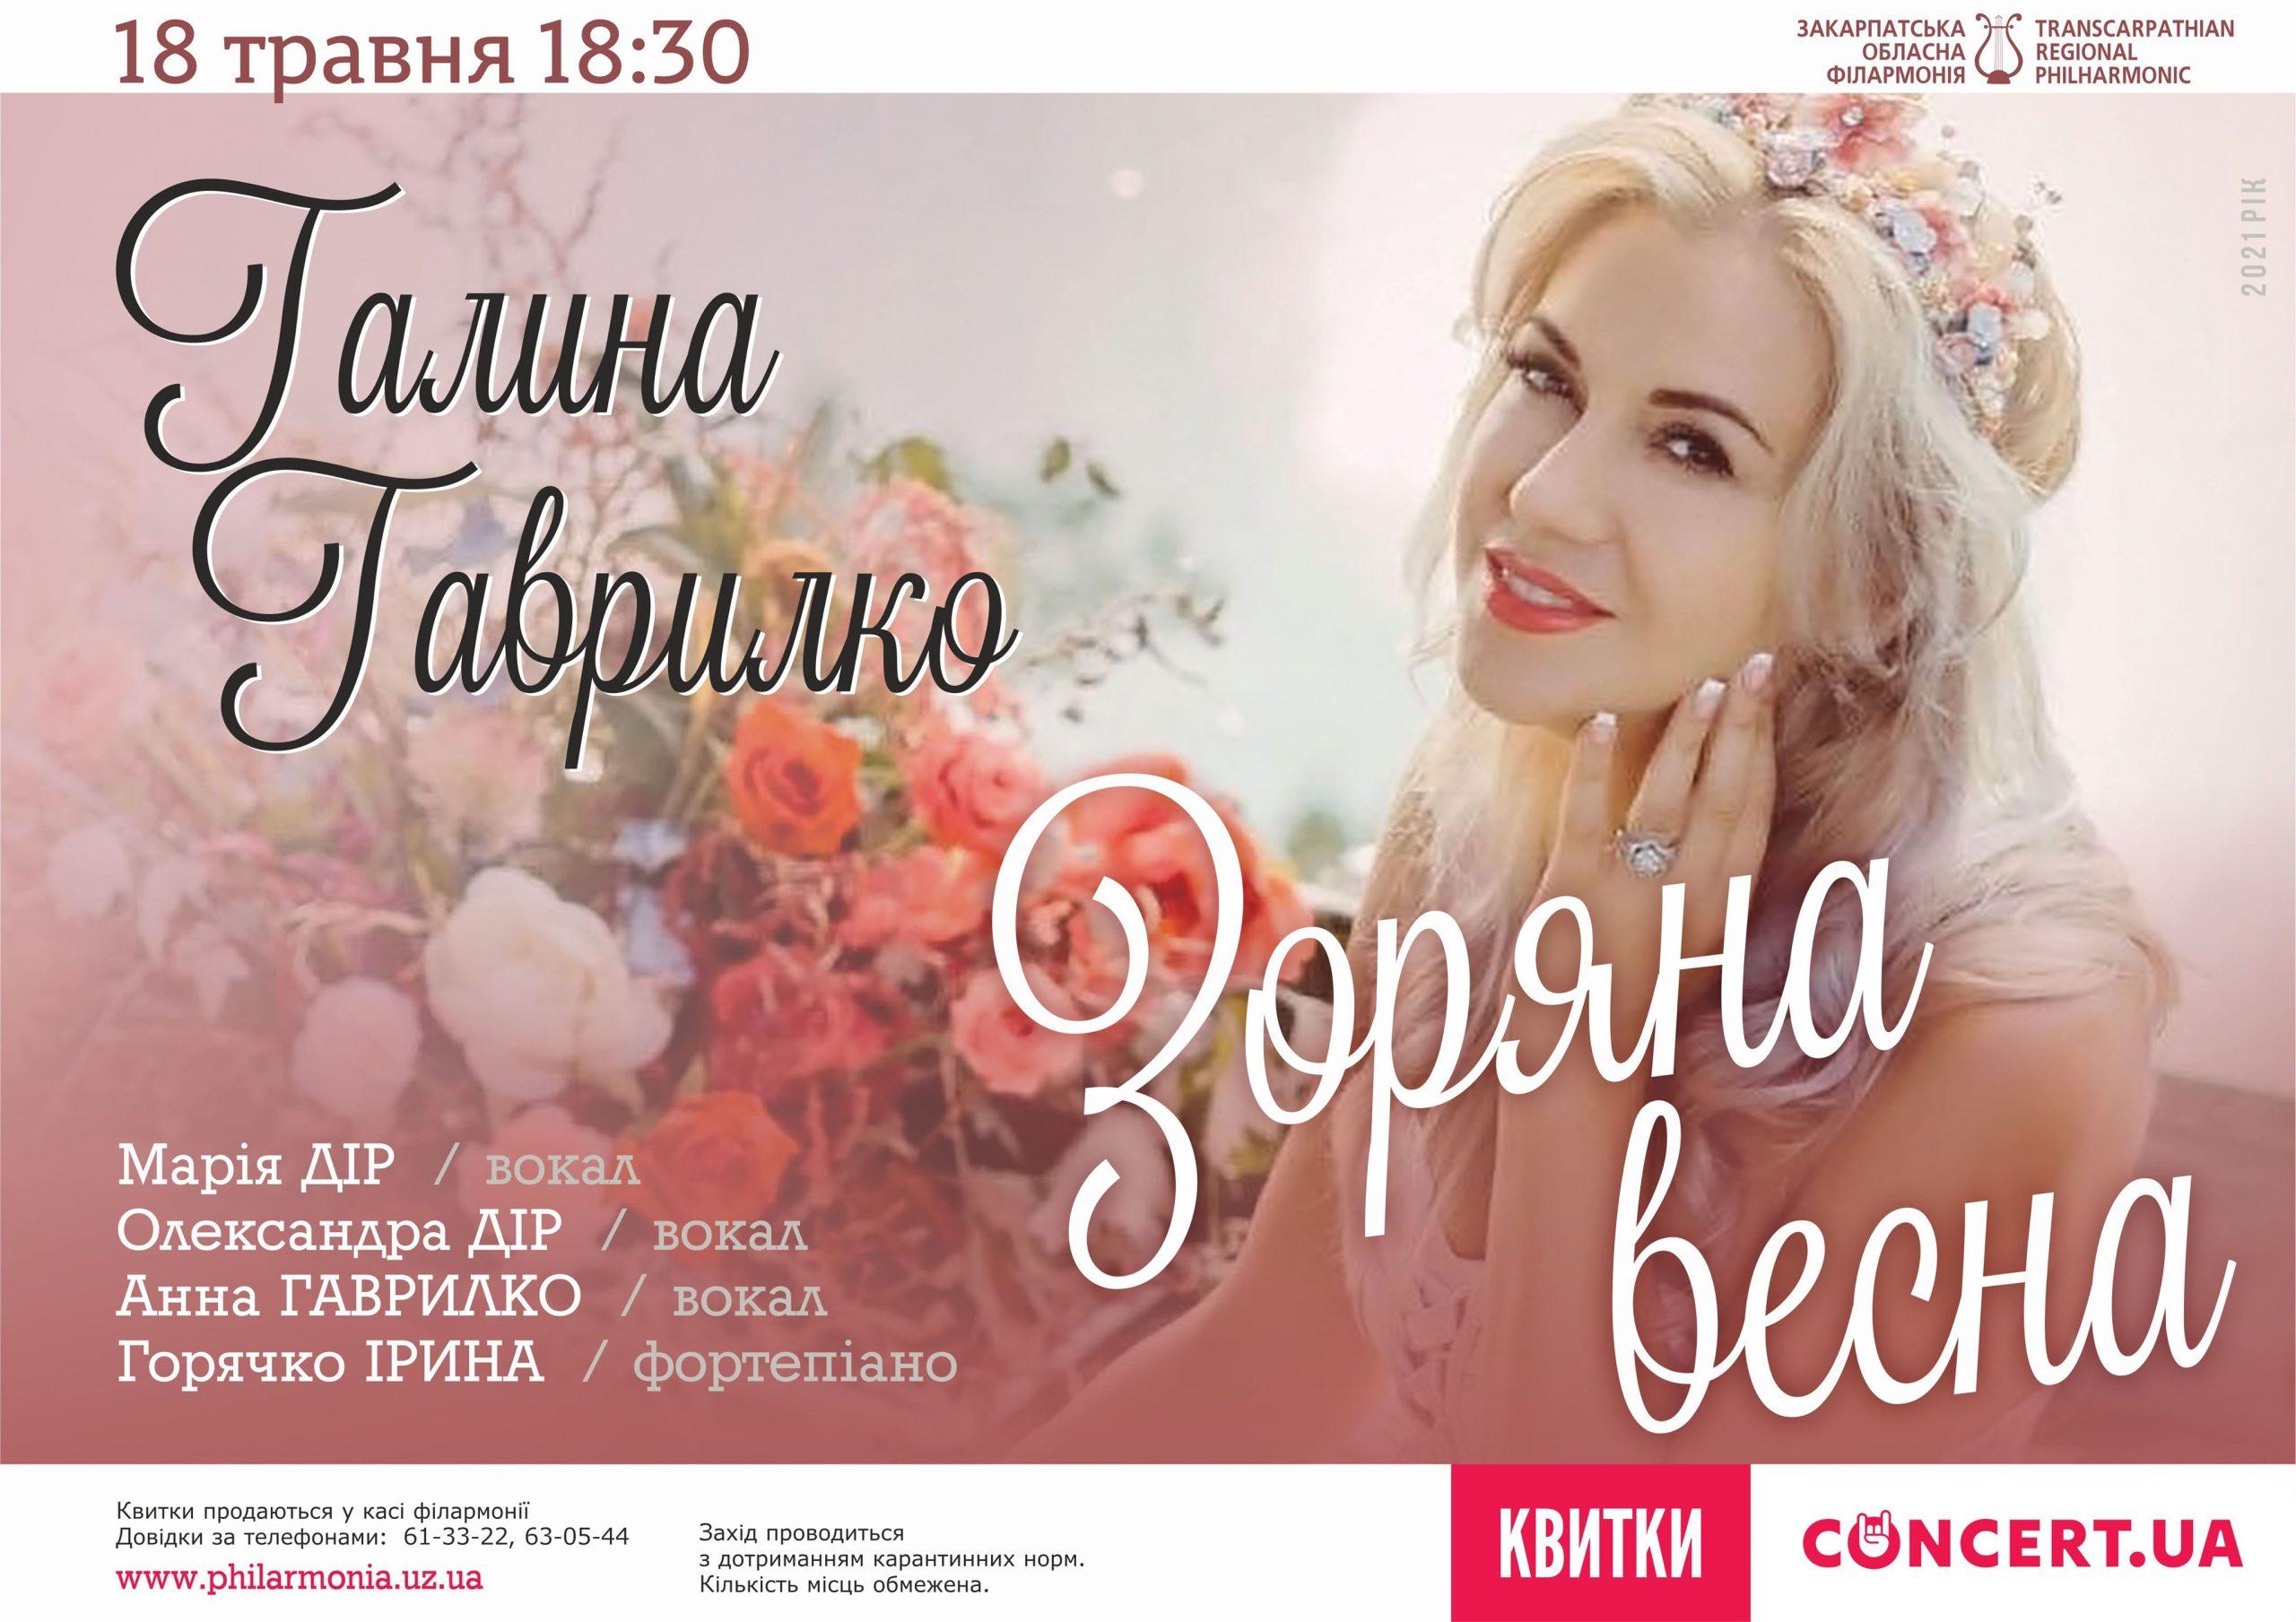 """Закарпатська обласна філармонія запрошує на концерт Галини Гаврилко """"Зоряна весна"""""""